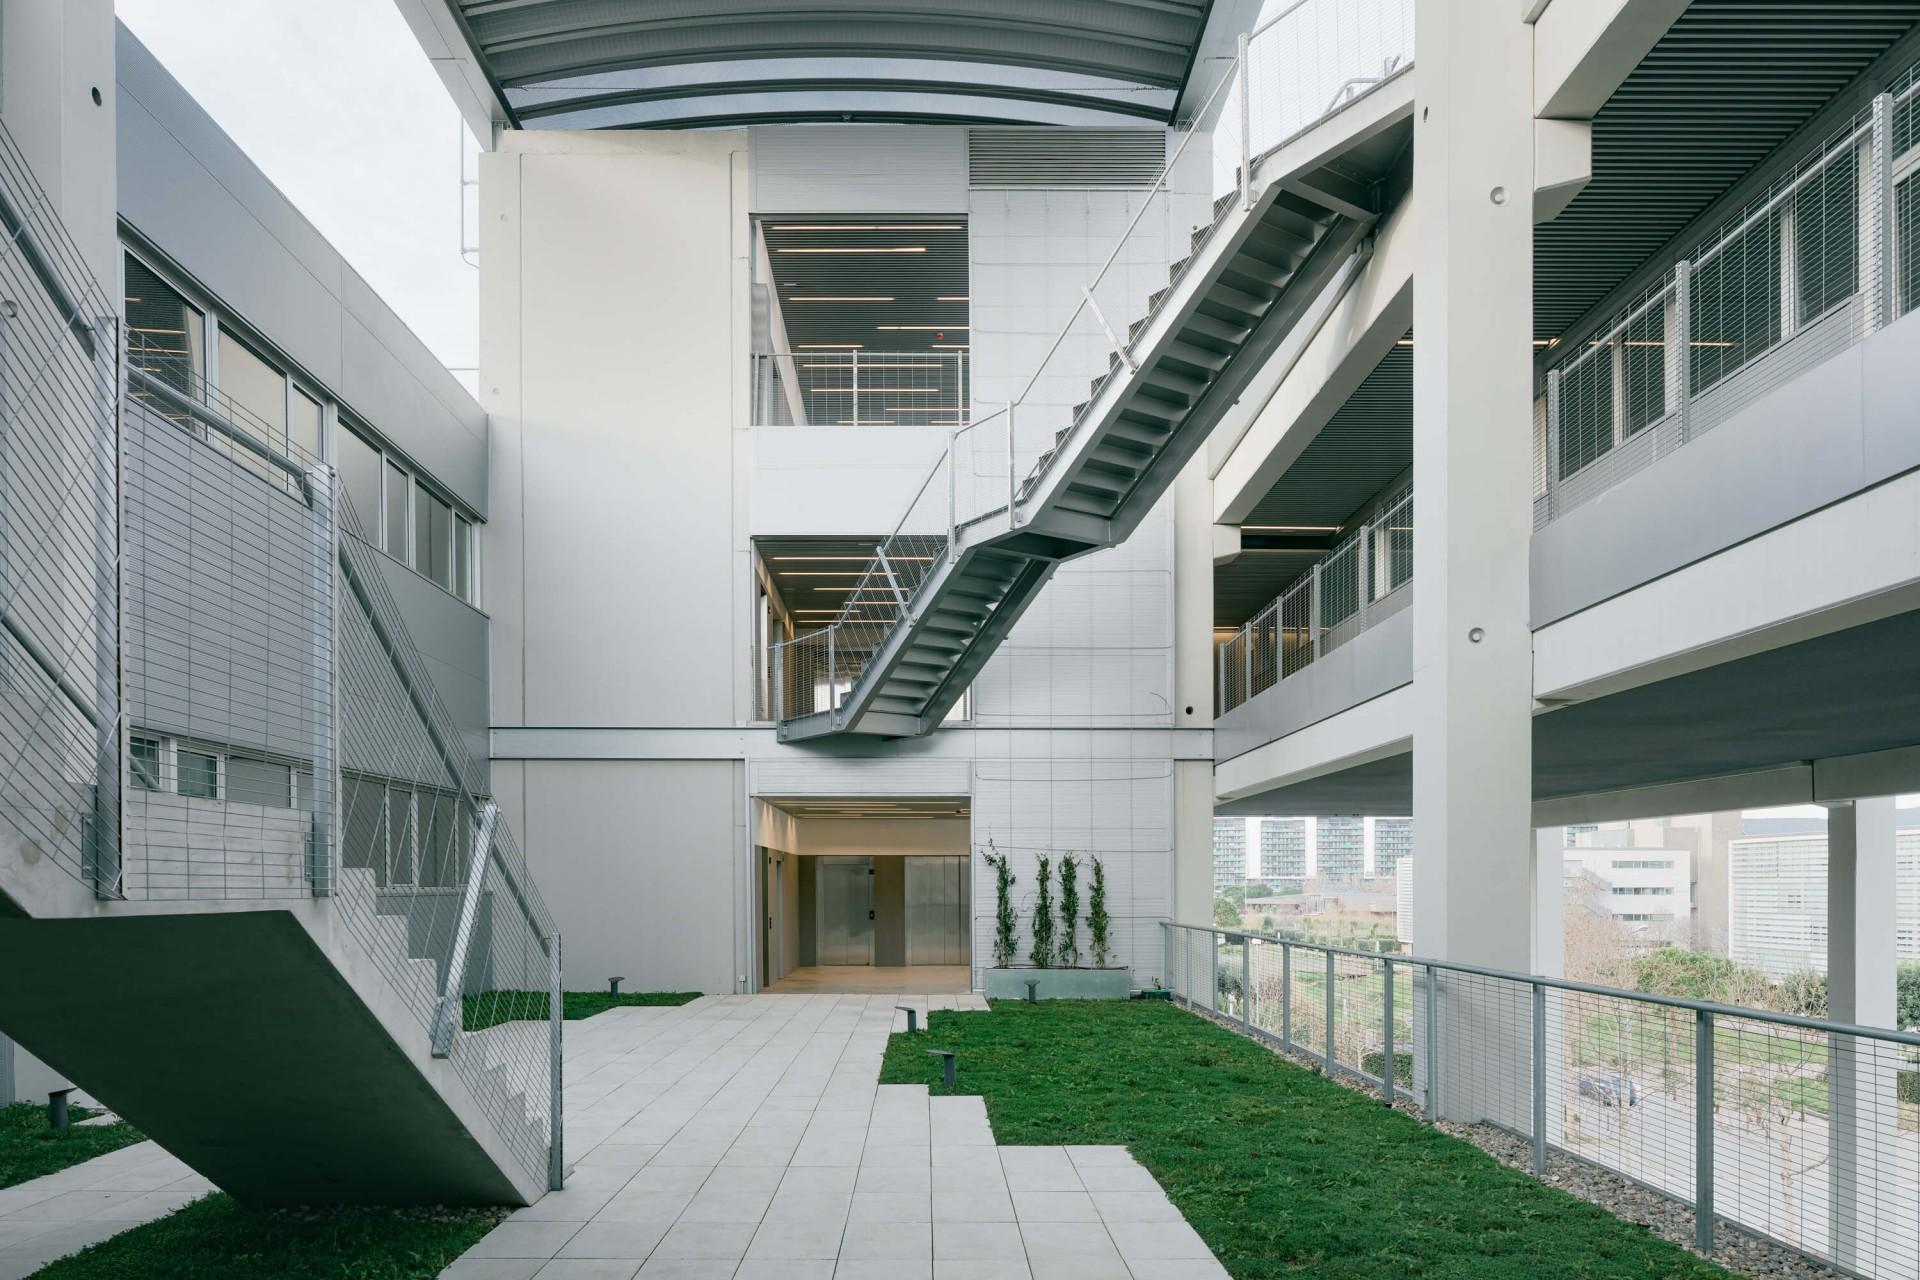 La pintura biosostenible TITANPRO P-80N contribuye a la economía circular y sostenibilidad del edificio Gonsi Sócrates